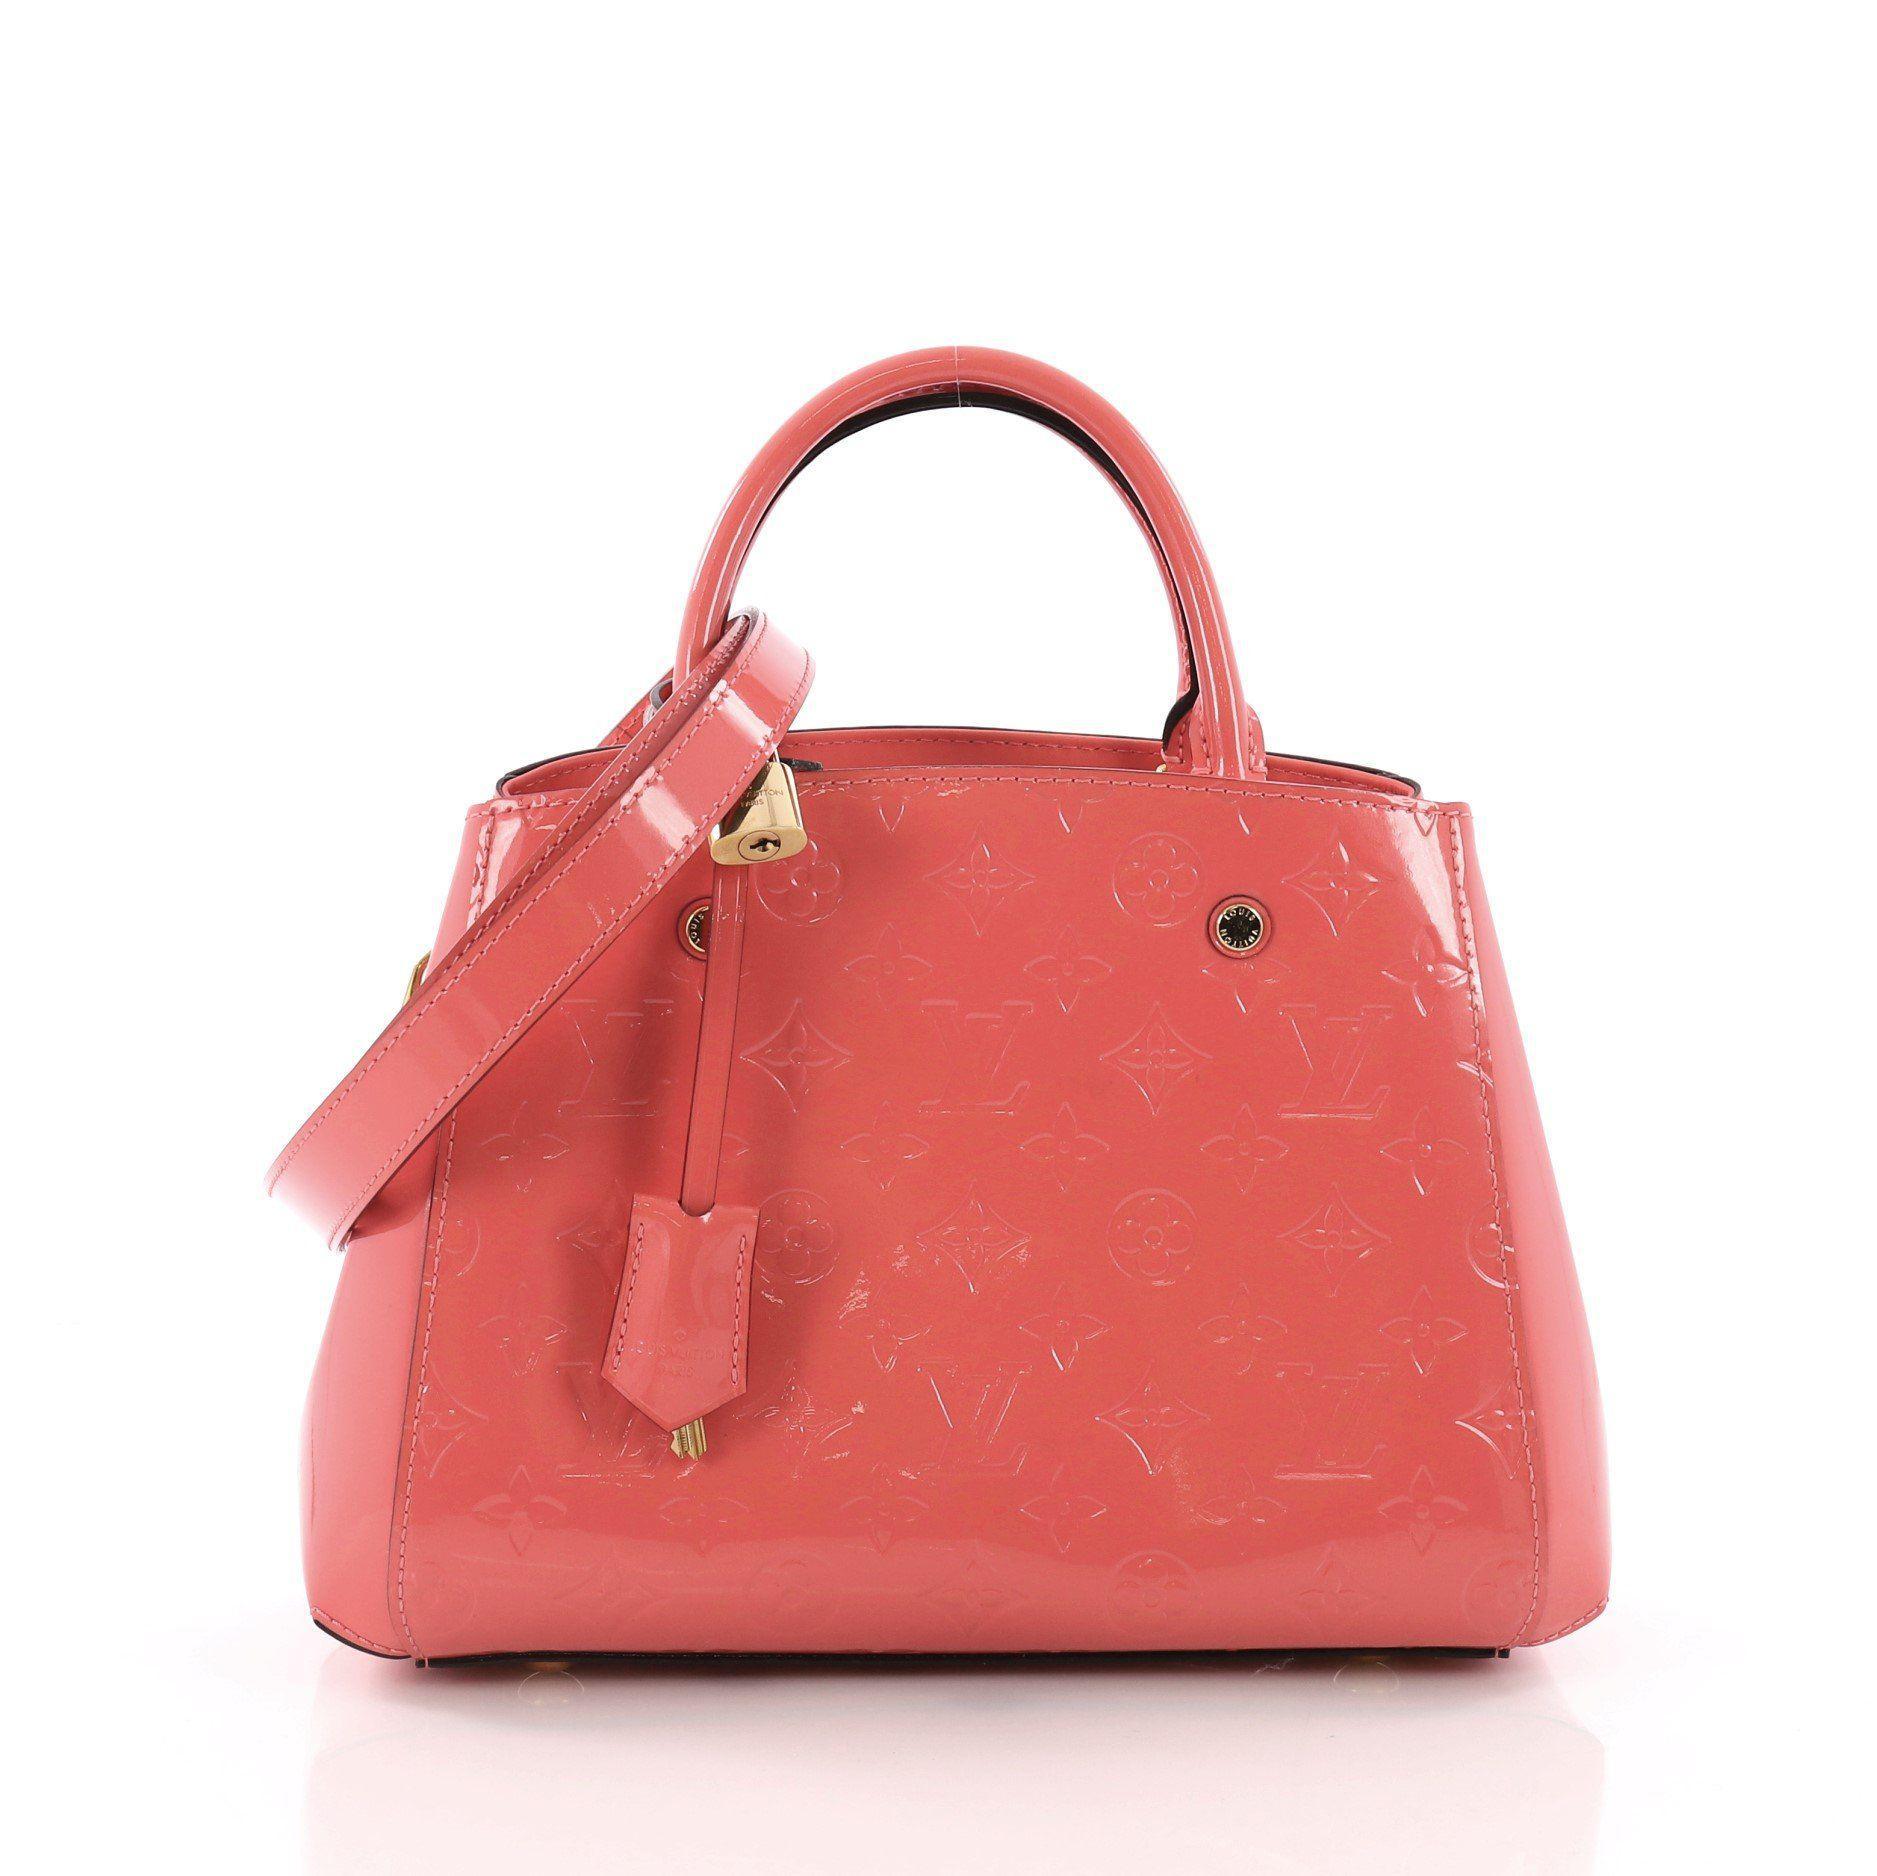 62ea2504d1c1 Louis Vuitton. Women s Red Pre Owned Montaigne Handbag Monogram Vernis Bb